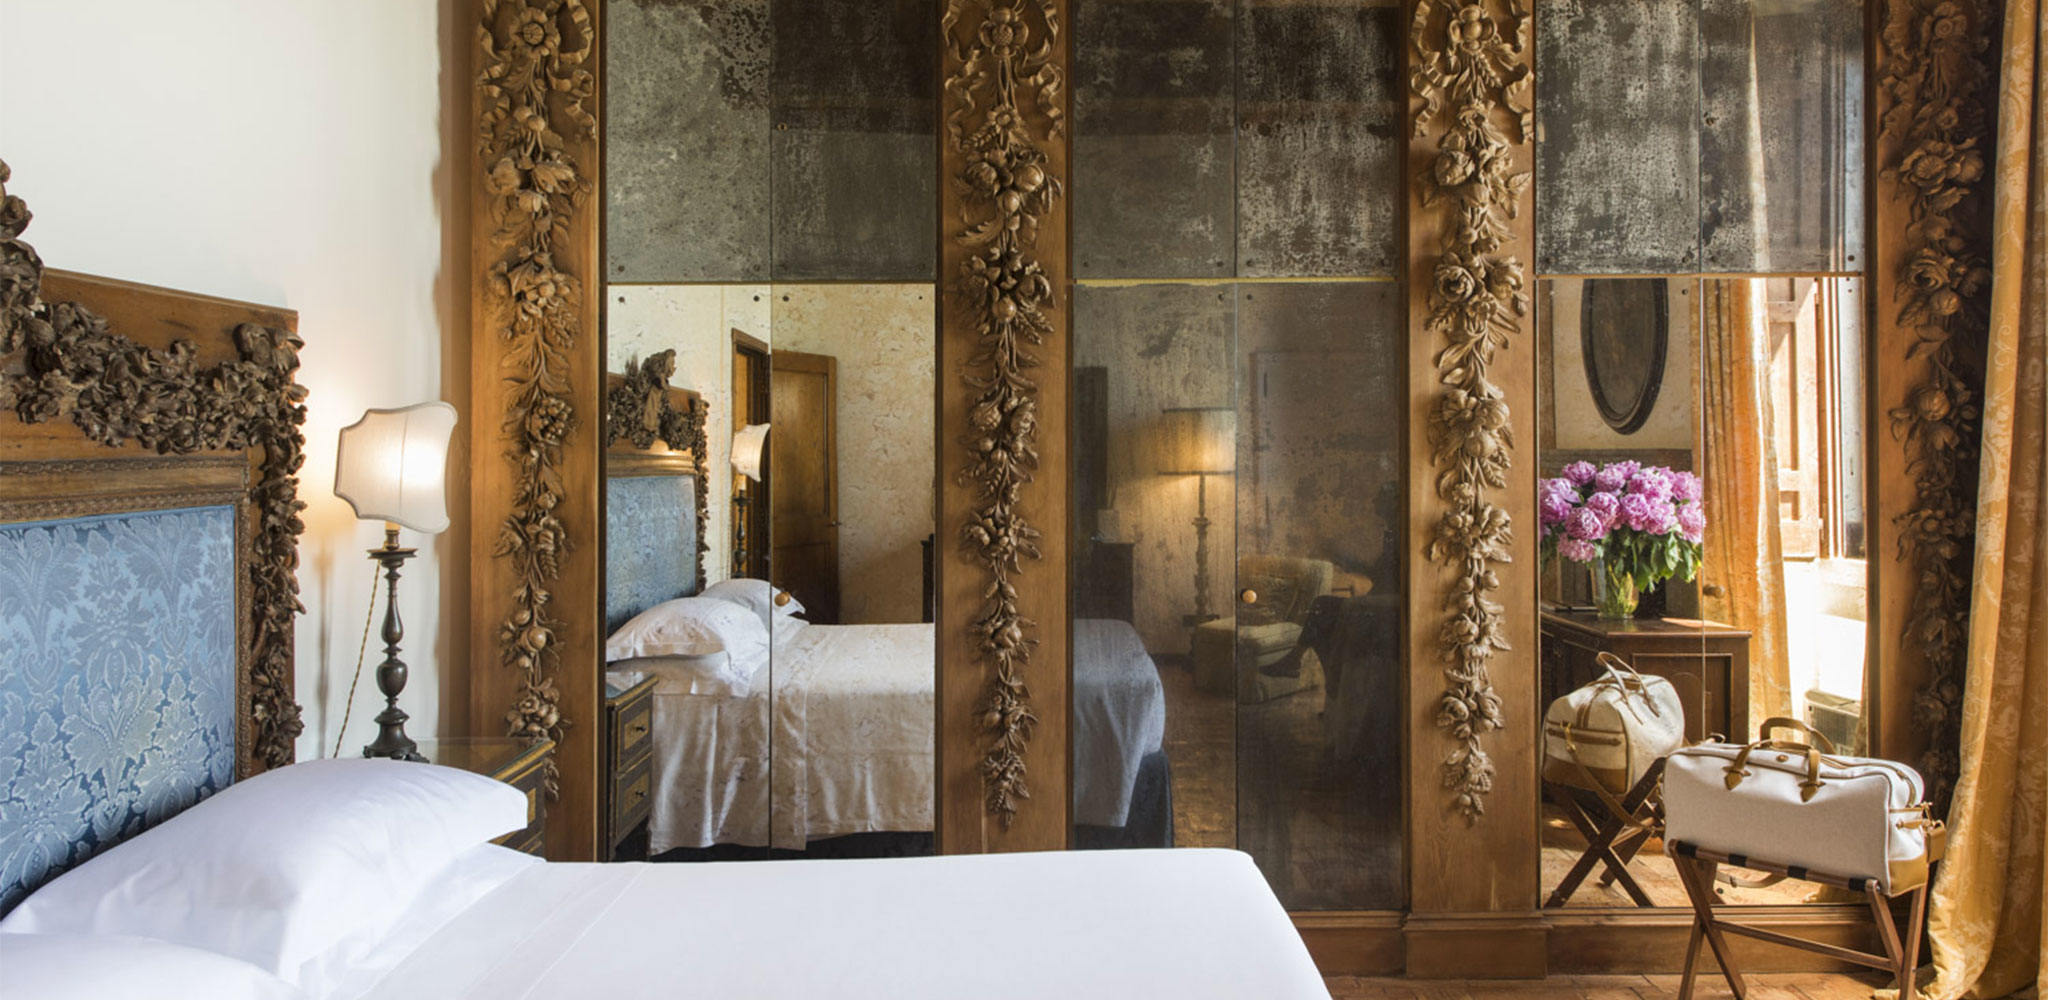 luxury-hotel-in-rome-italy-la-posta-vecchia-400978